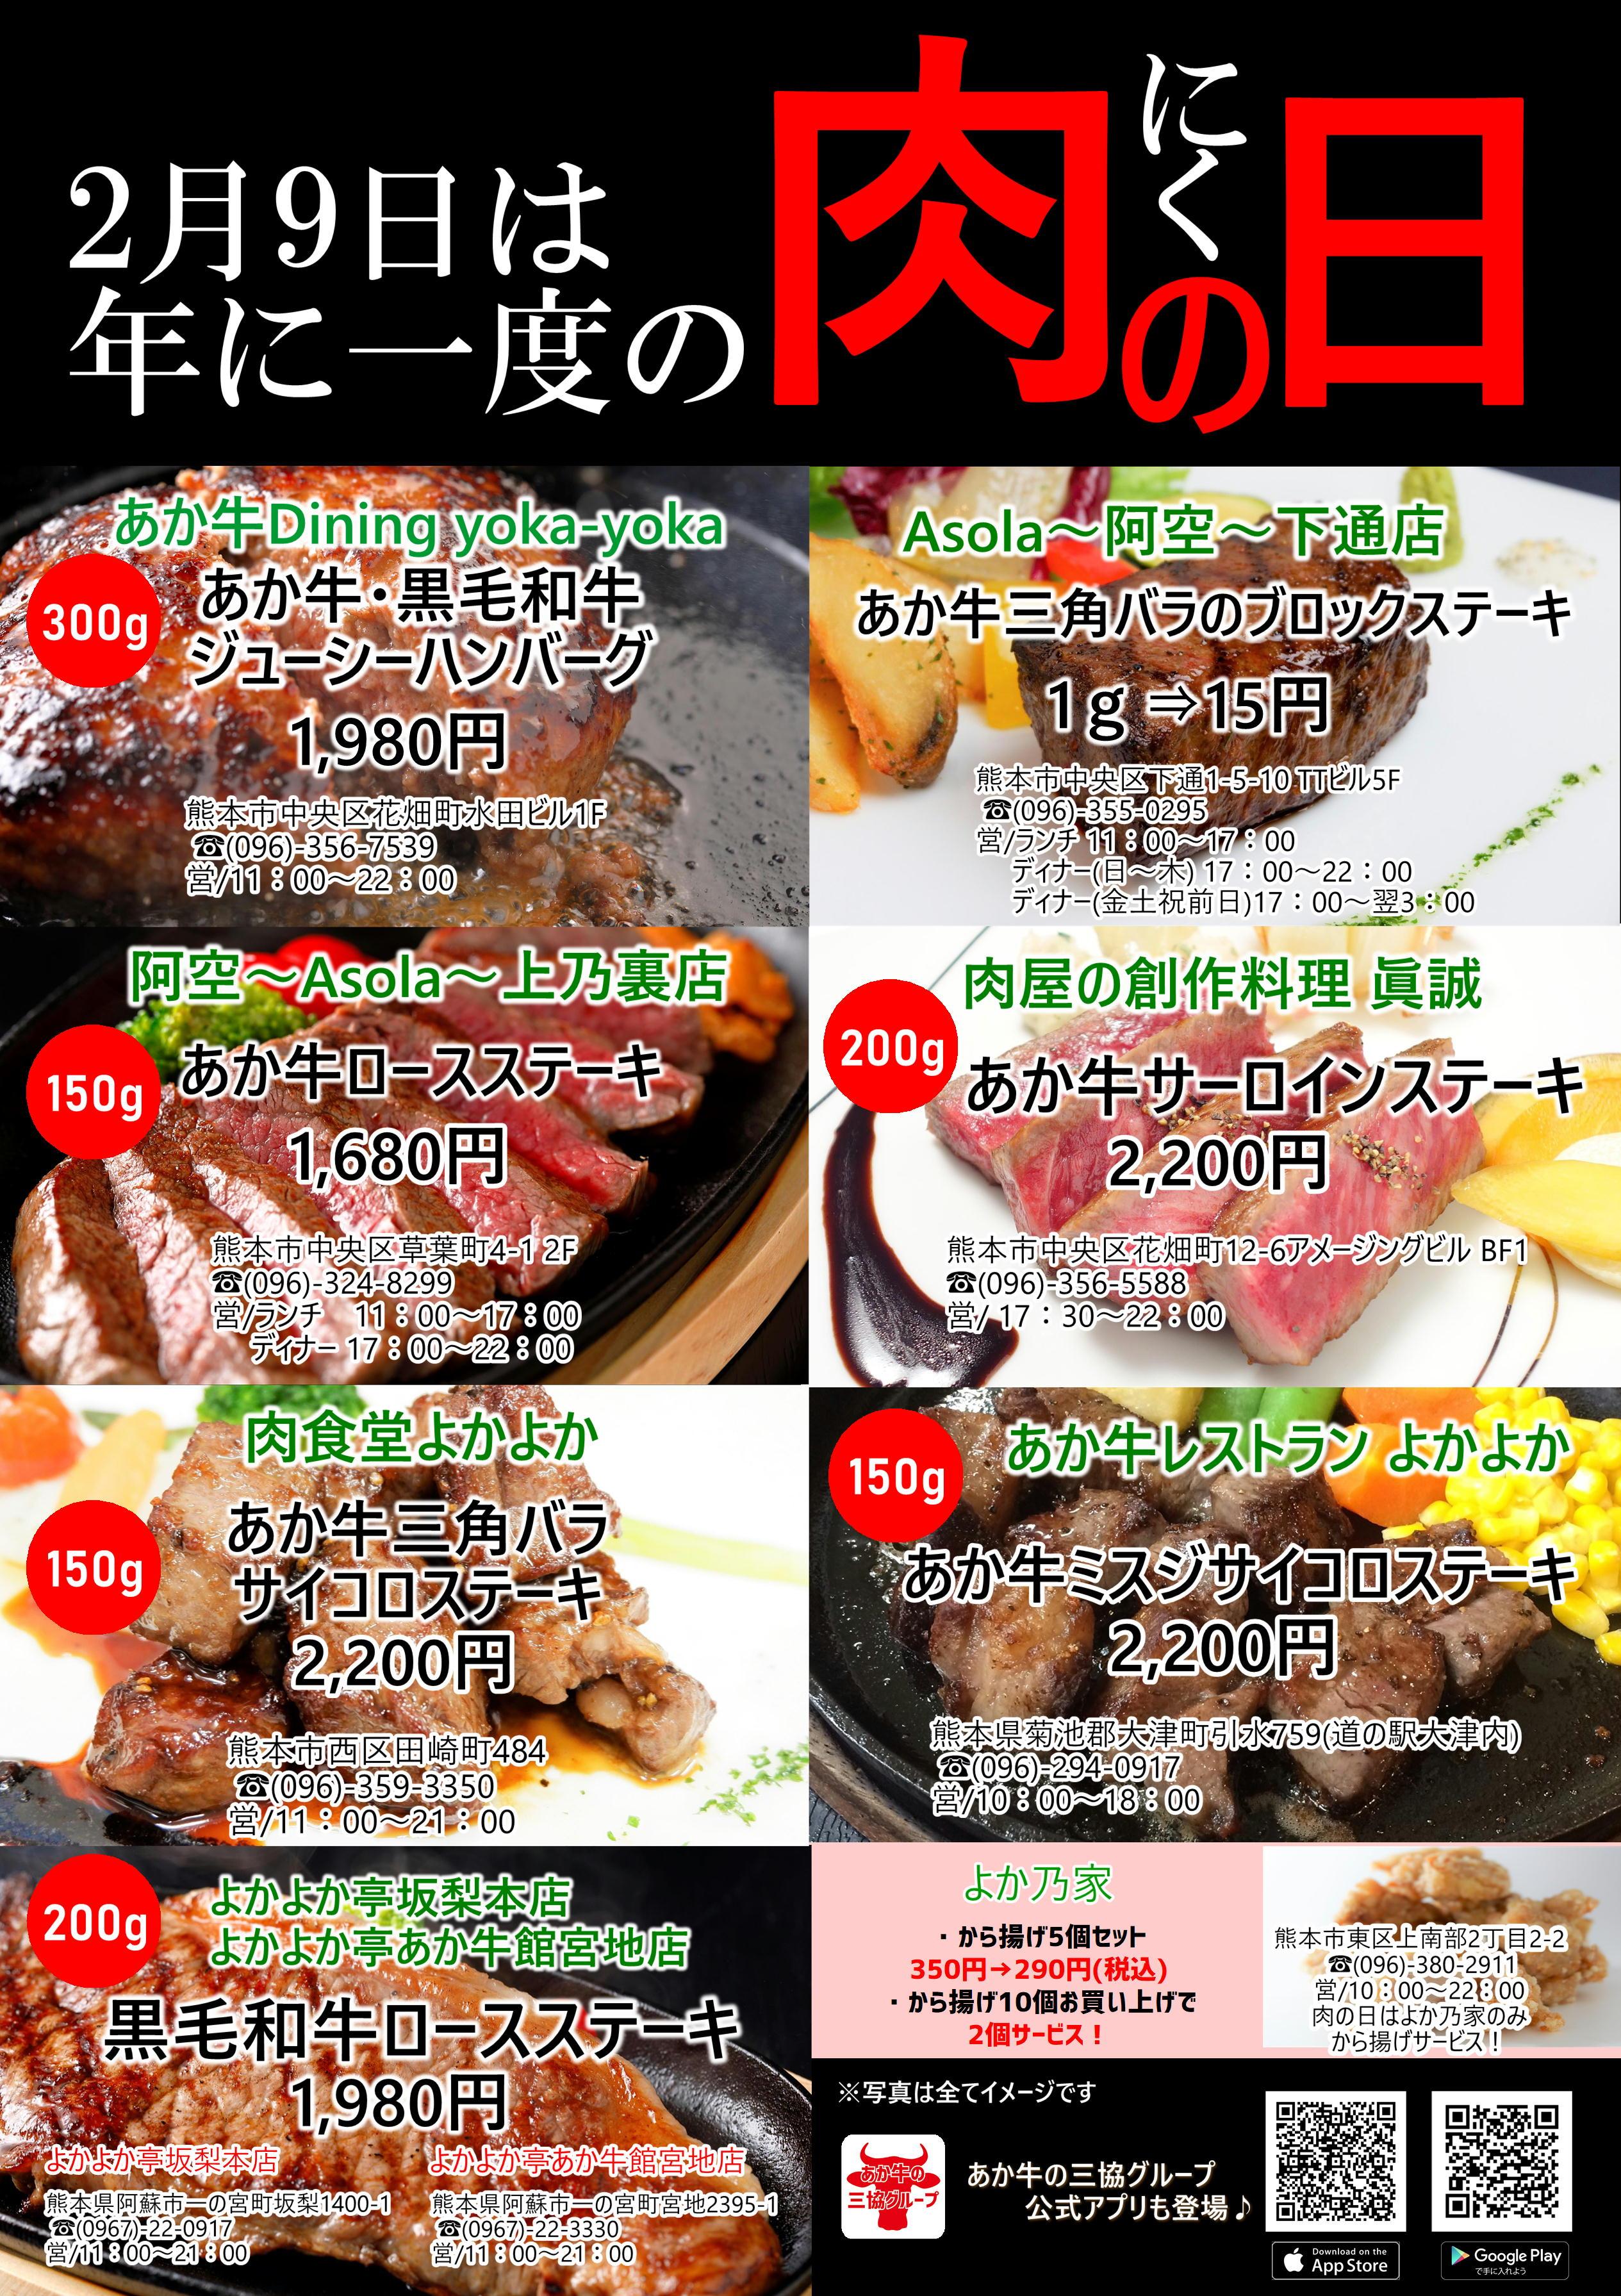 2019年2月肉の日飲食店